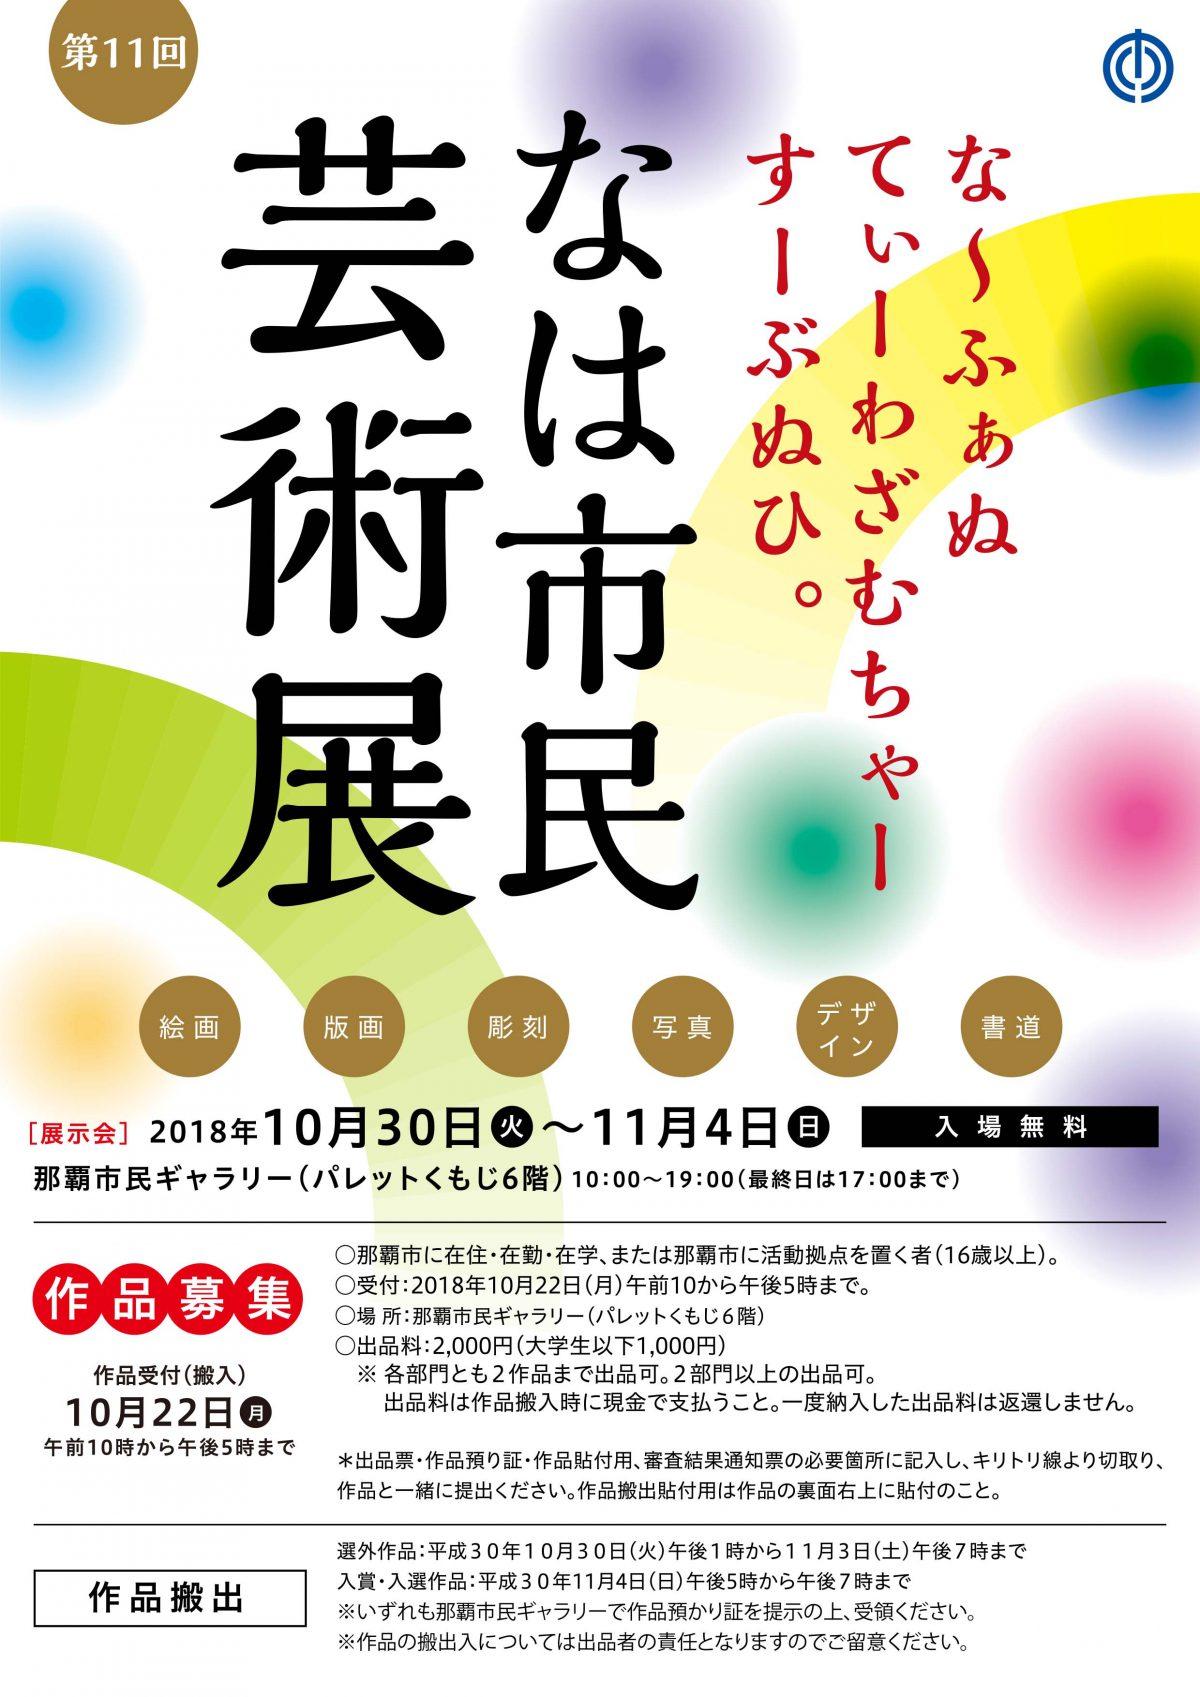 チラシが届きました! 10月22日(月)作品受付(搬入)締め切りです!「第11回なは市民芸術展」